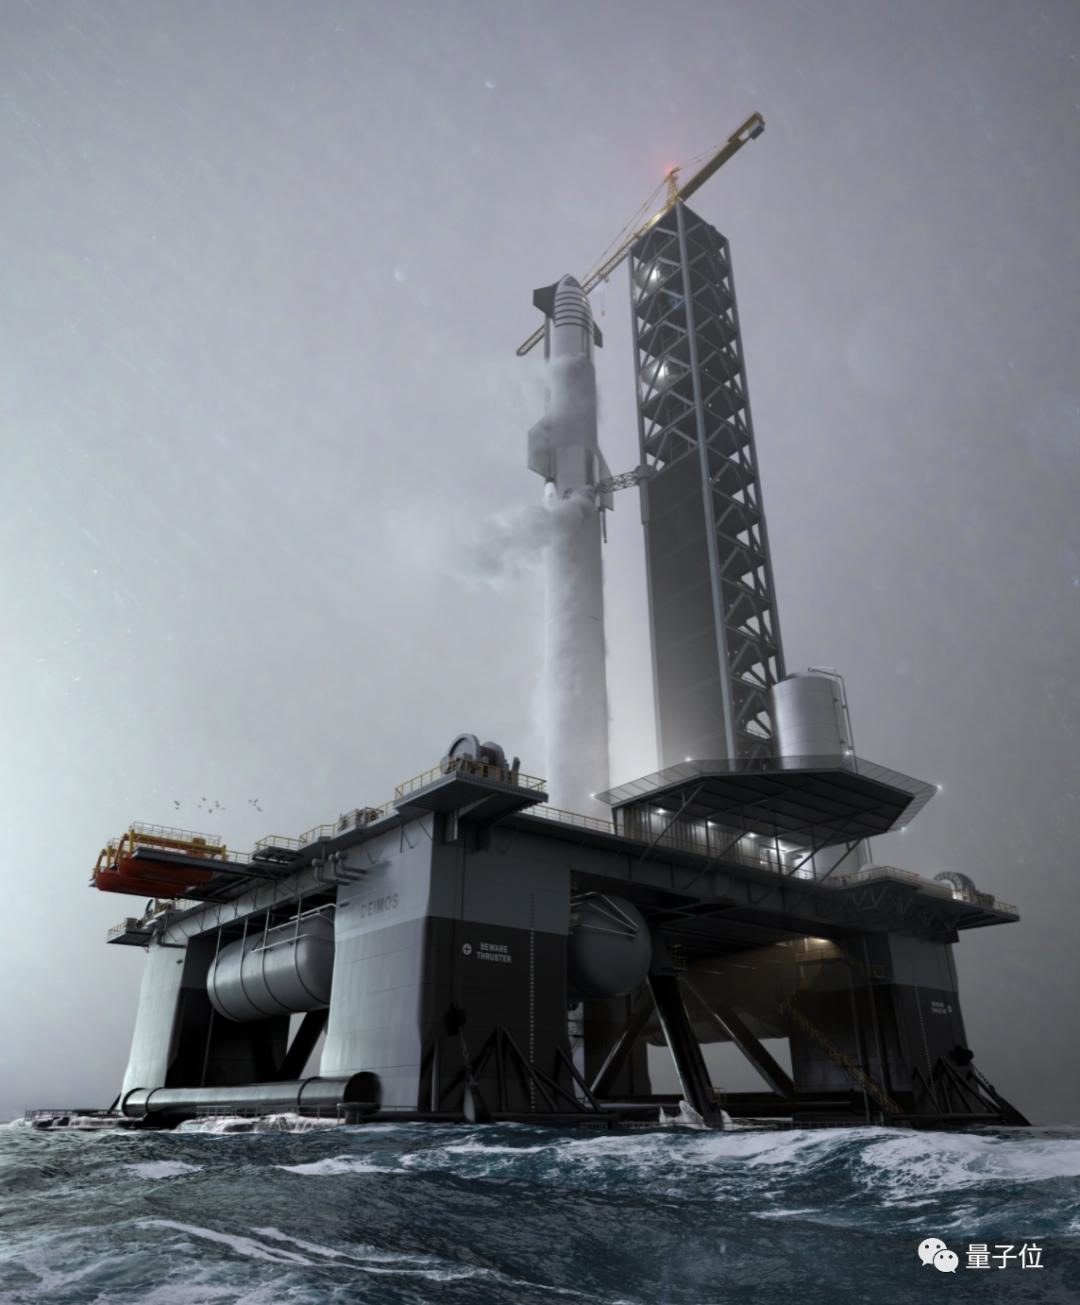 马斯克即将解锁海上发射!SpaceX海洋太空港最早明年可投入使用